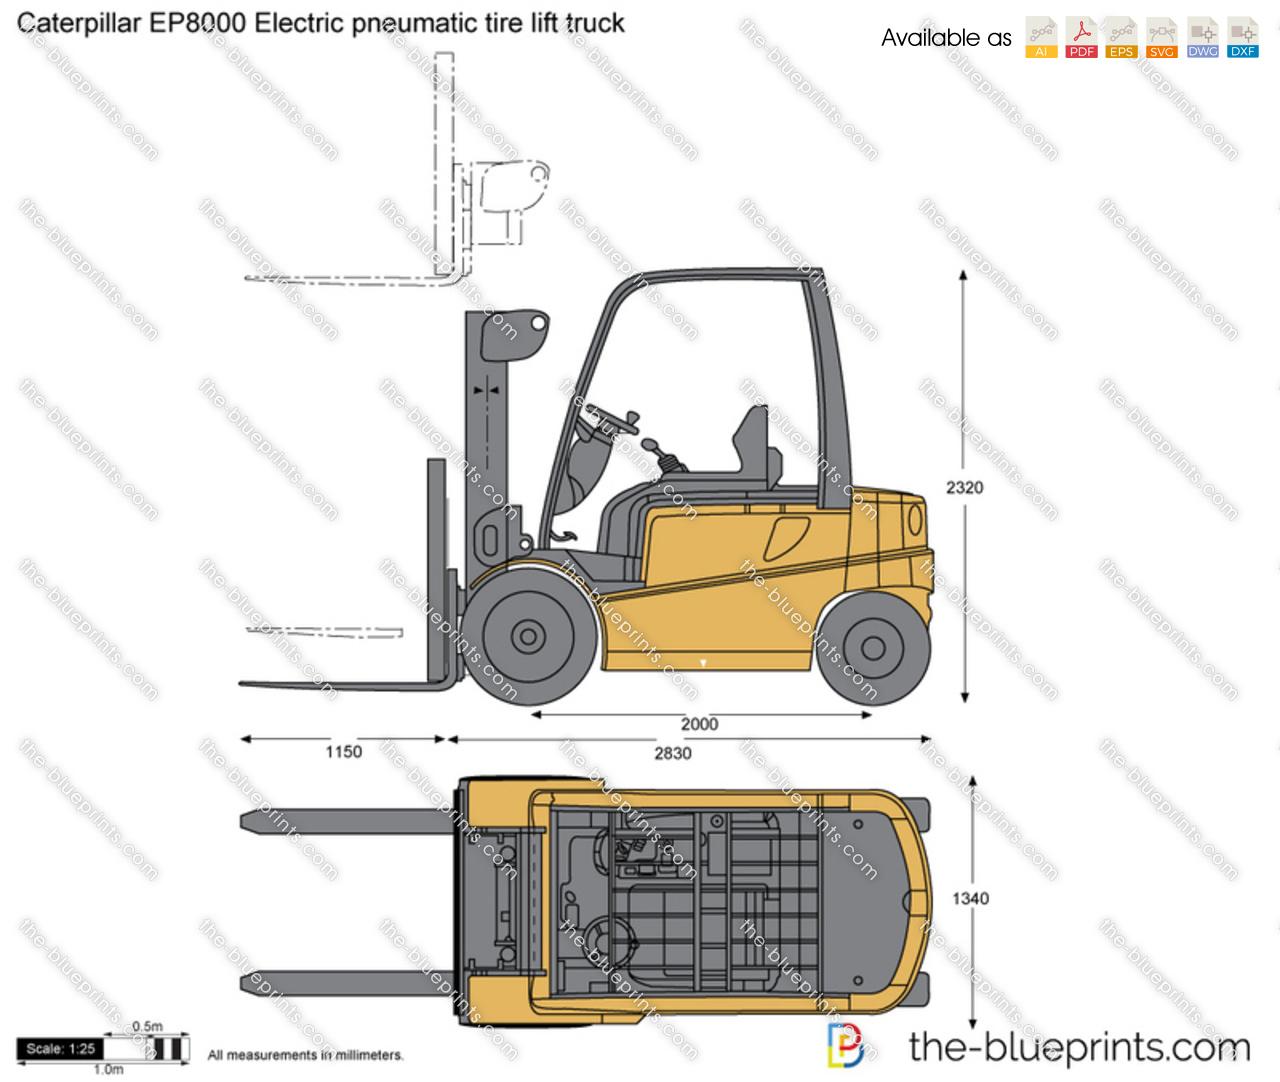 Caterpillar EP8000 Electric pneumatic tire lift truck